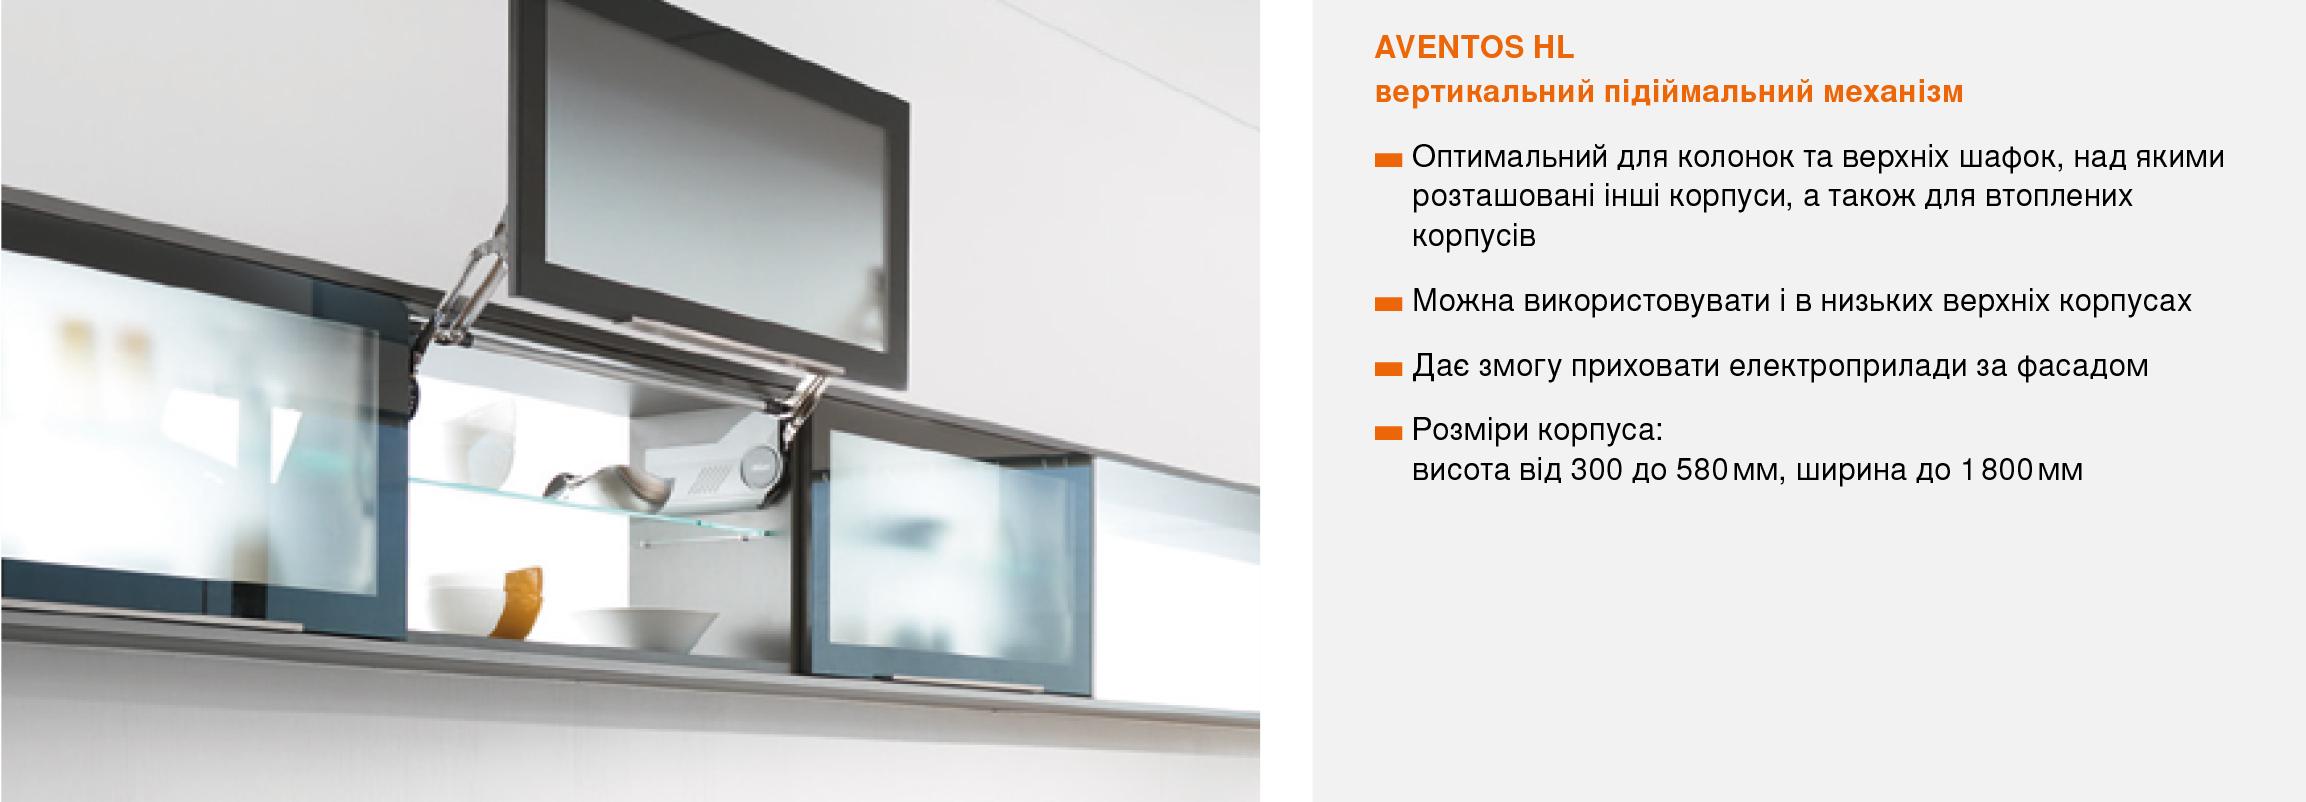 Подъемный механизм AVENTOS HL для кухни метро Академгородок